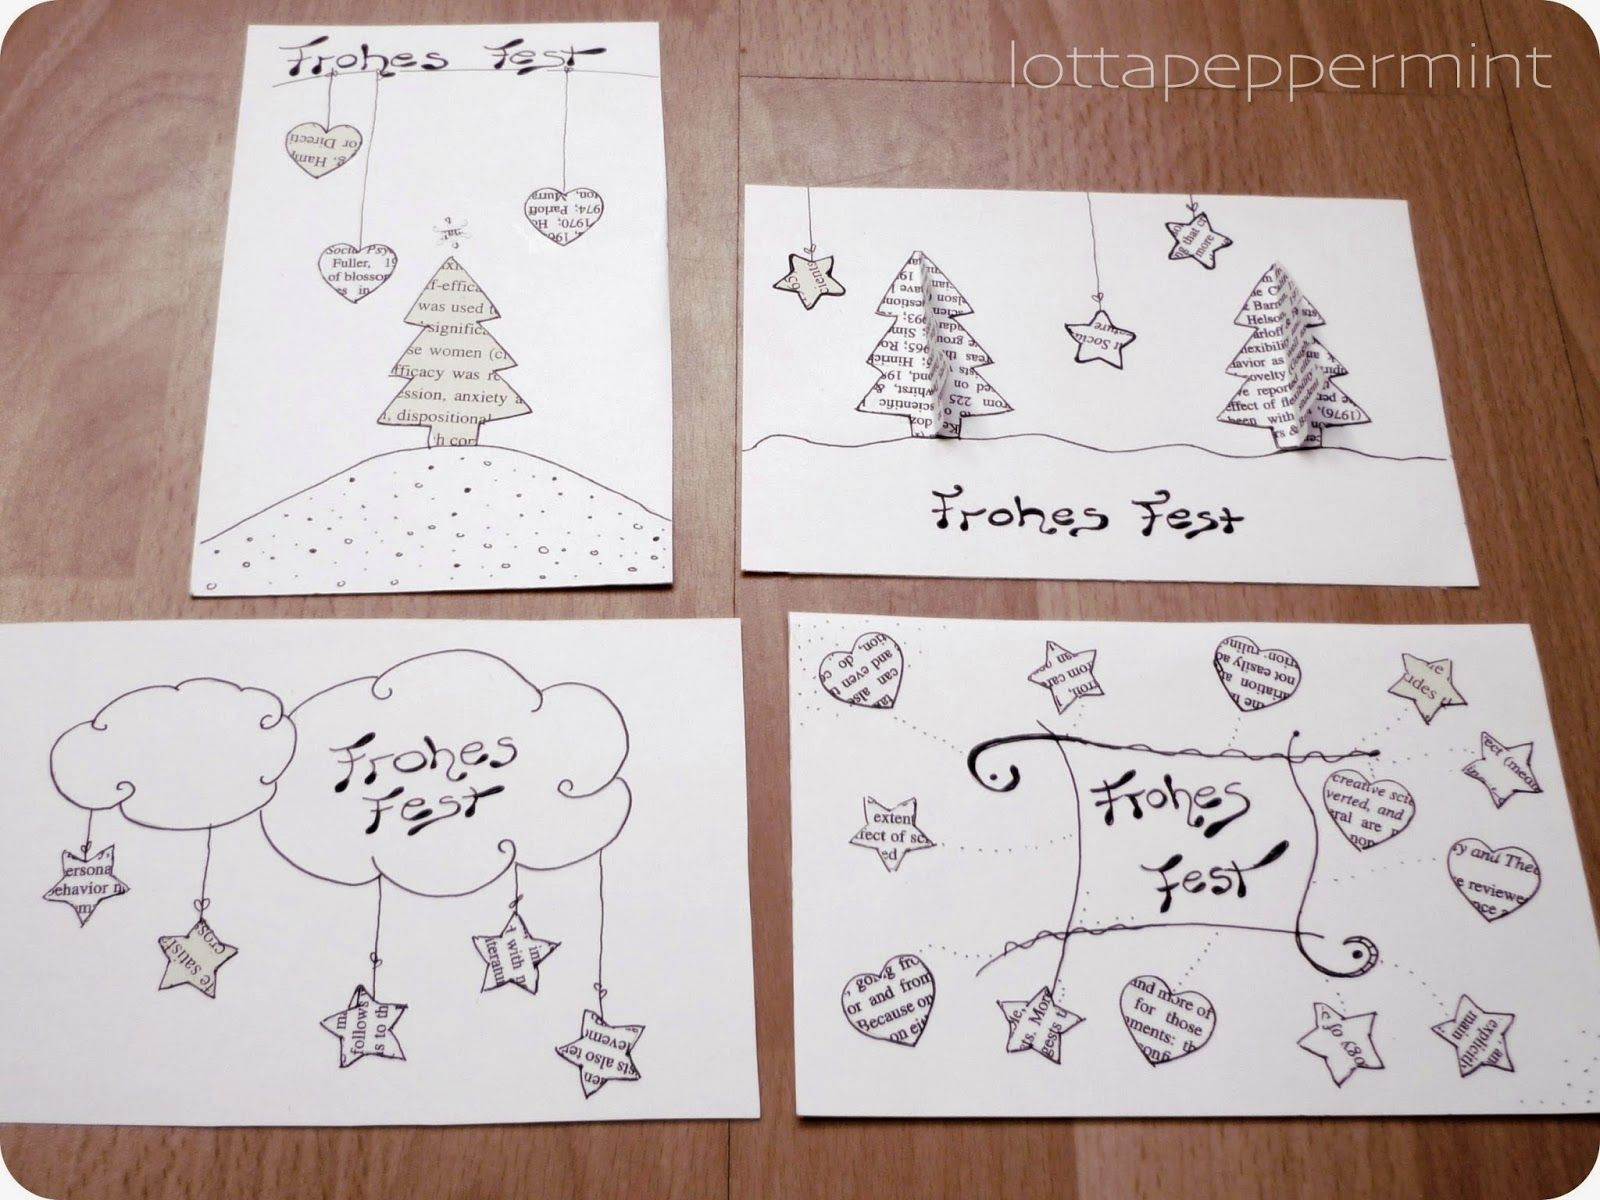 diy weihnachtskarten aus alten studienunterlagen lottapeppermint diy art pinterest. Black Bedroom Furniture Sets. Home Design Ideas